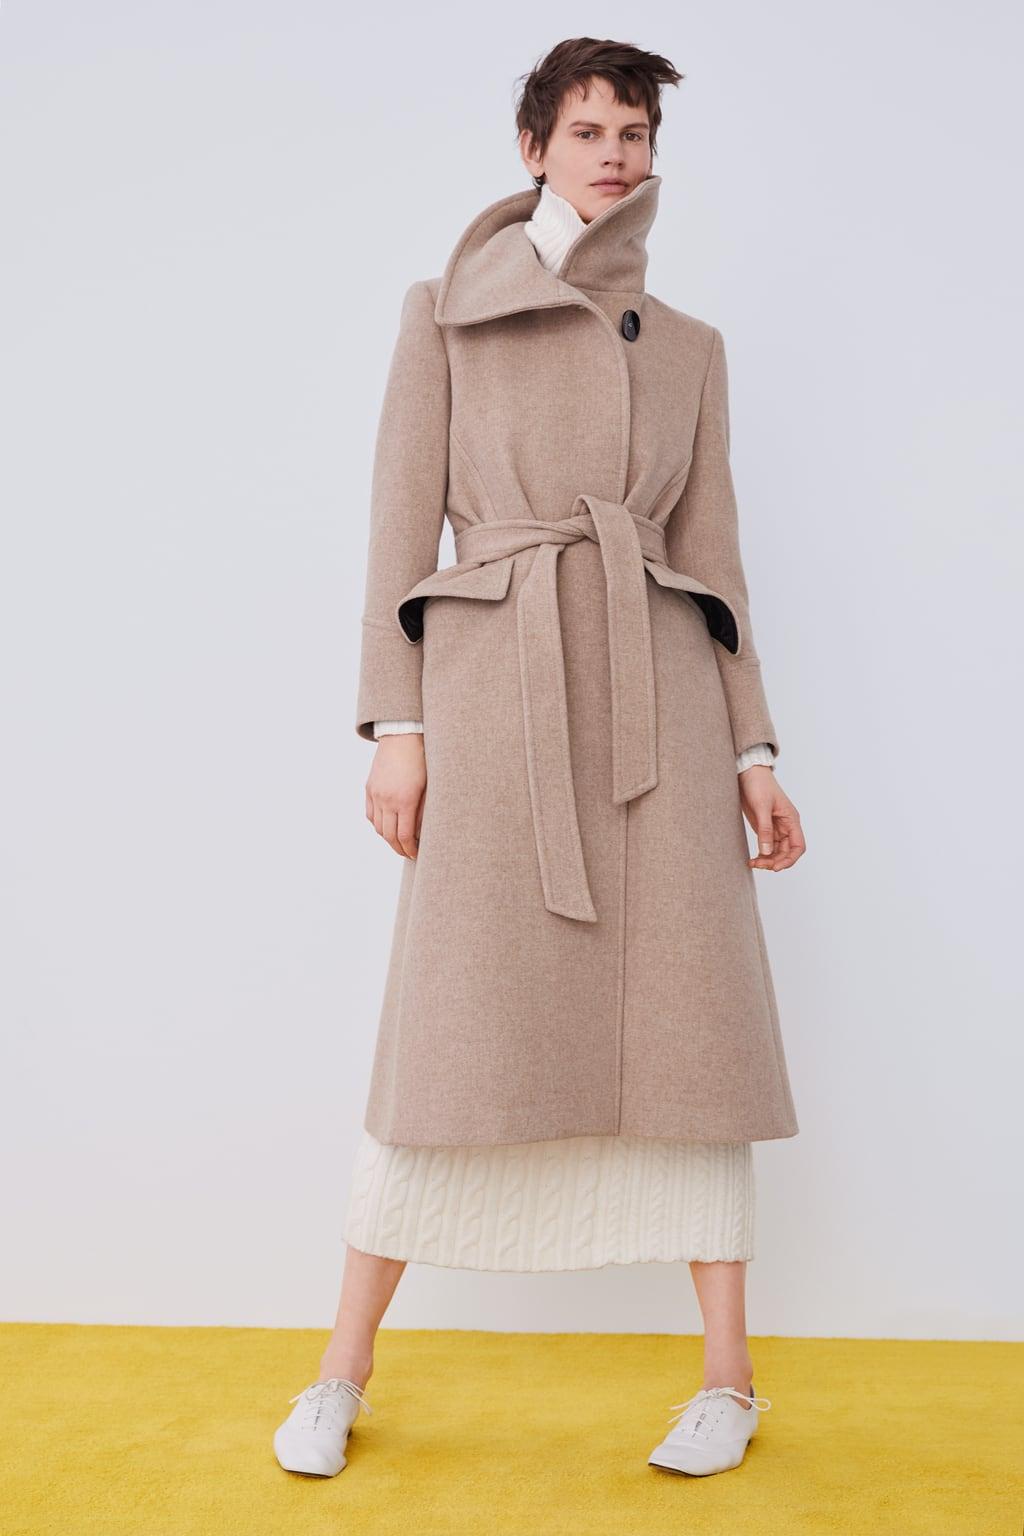 I cappotti di tendenza per l inverno 2019  classico o originale ... d8c2ca1f0bf1